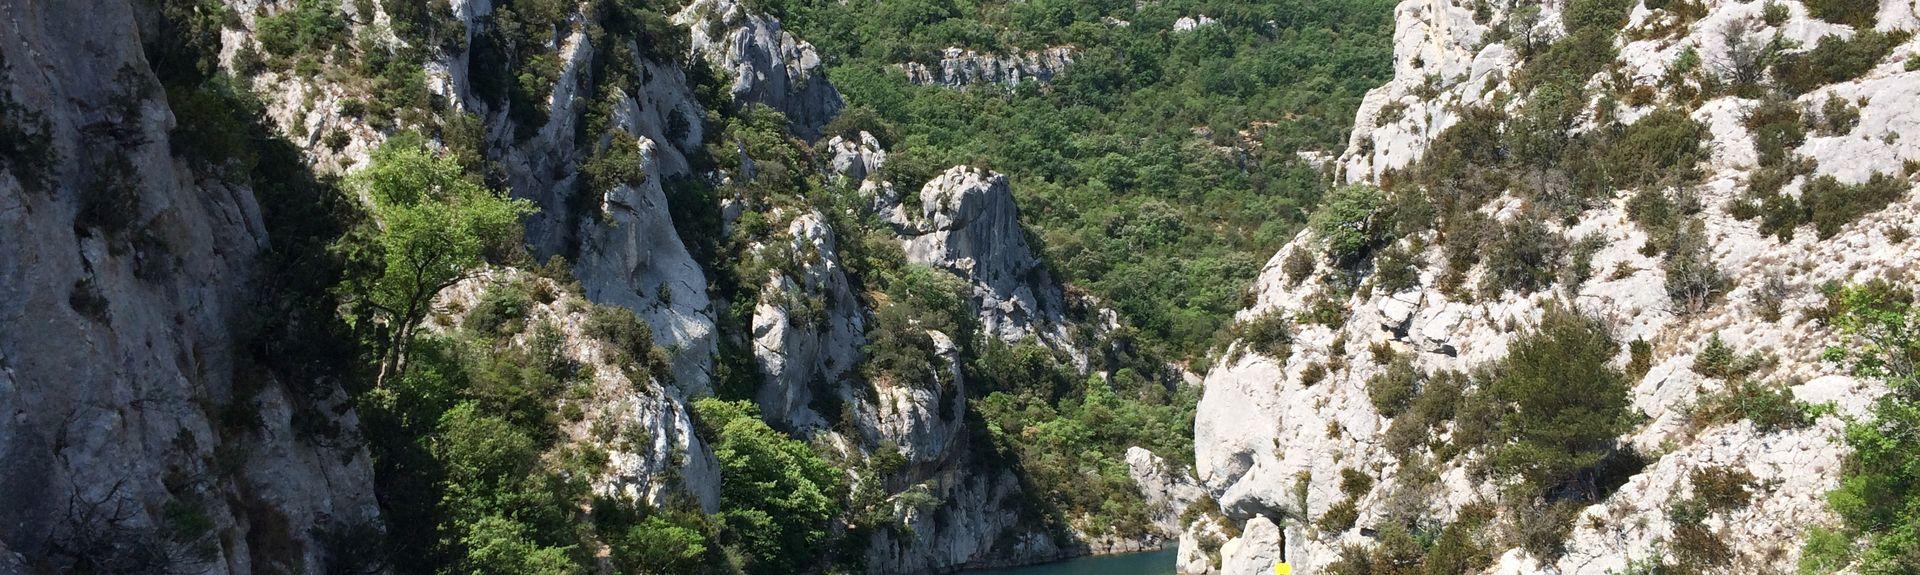 Sainte-Croix-du-Verdon, Département Alpes-de-Haute-Provence, Frankreich